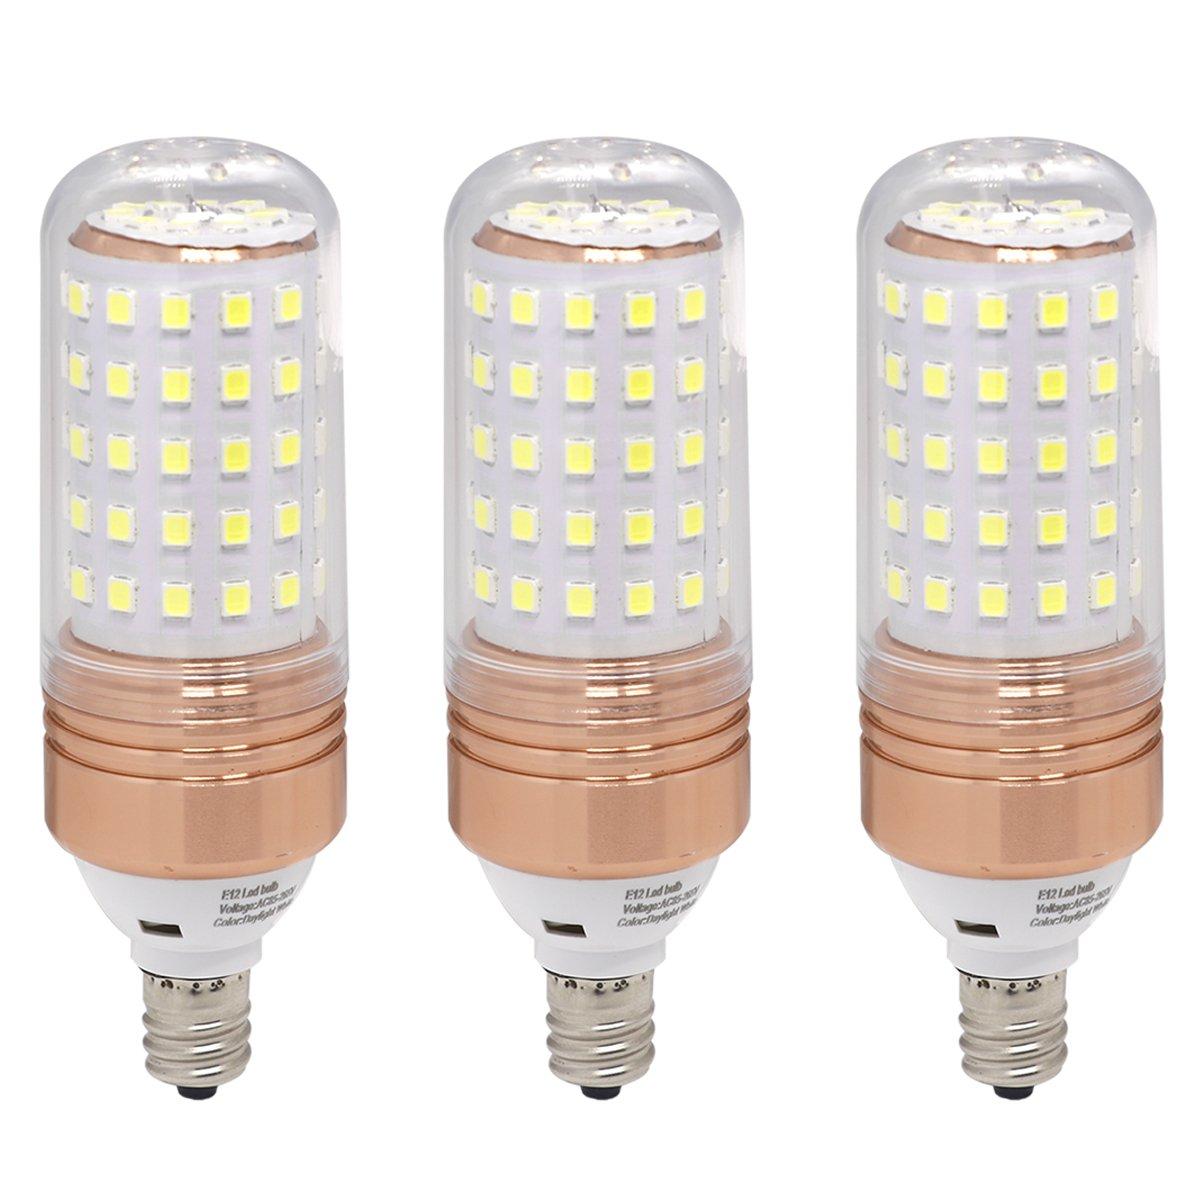 Ulight E12 led Candelabra Bulb, 100w Halogen Bulbs Equivalent, Daylight White led Bulb 1100lm, 360 Degree Beam Angle for Ceiling Fan Lighting, Chandelier Light Pack of 3 (Daylight White 6000K)